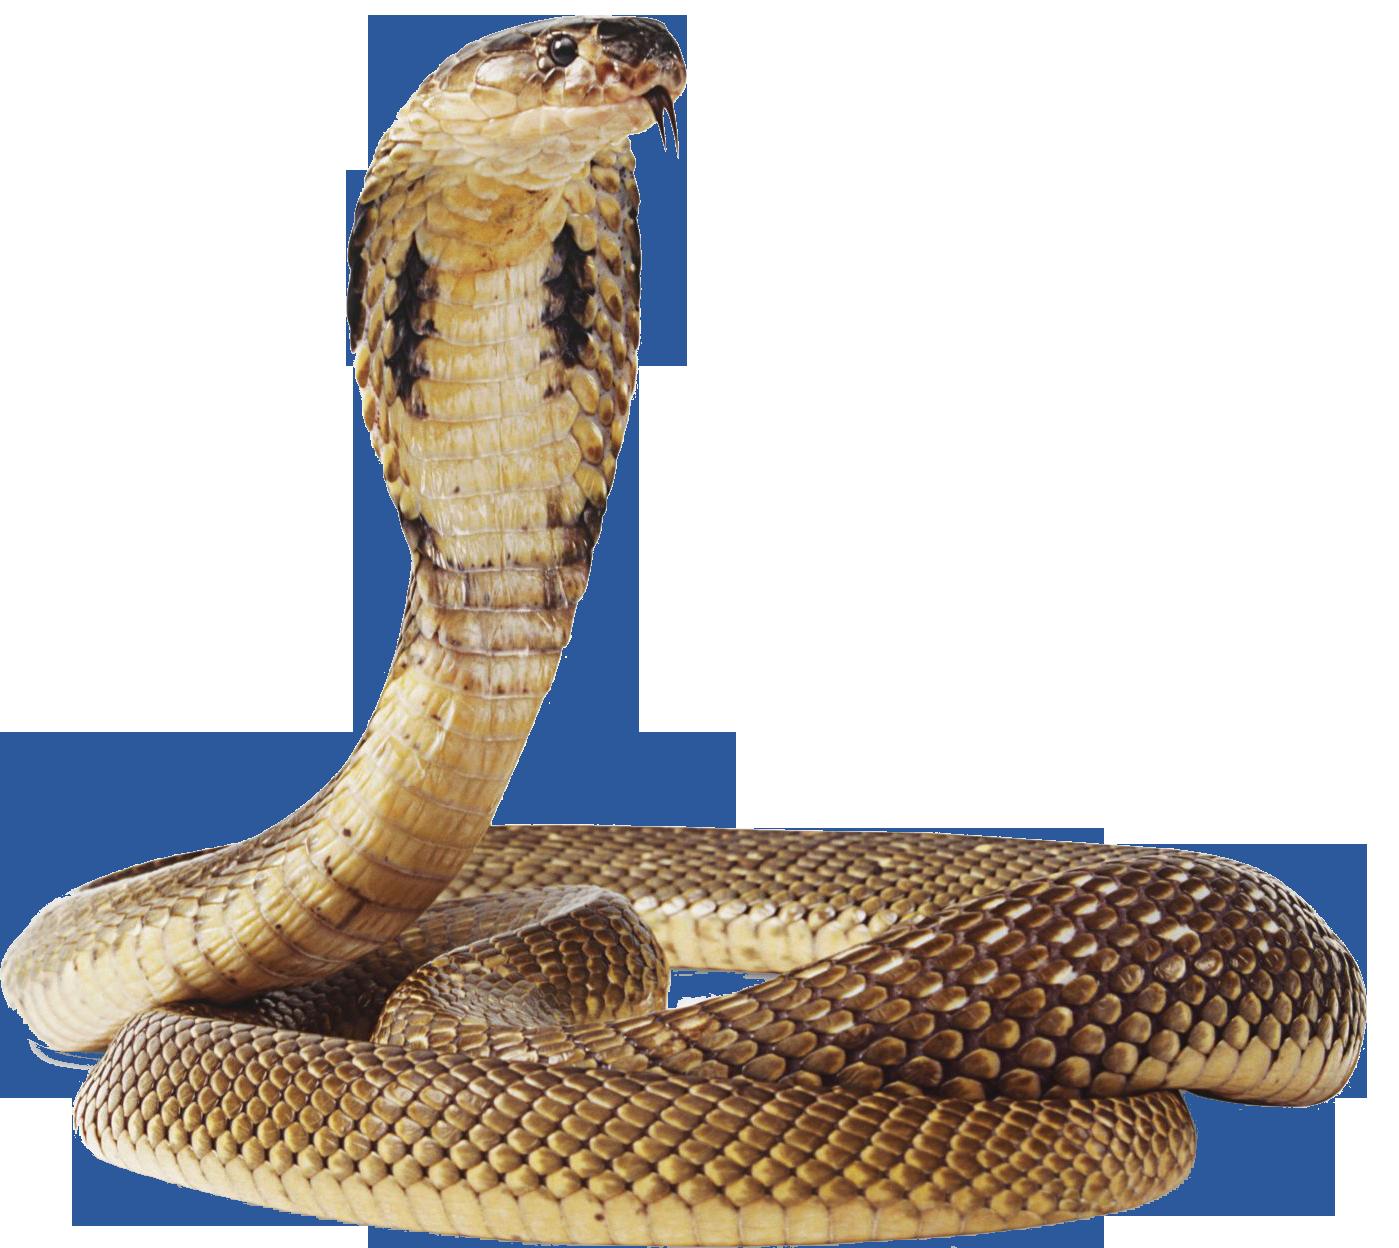 Cobra Snake Png Transparent Image - Snake, Transparent background PNG HD thumbnail